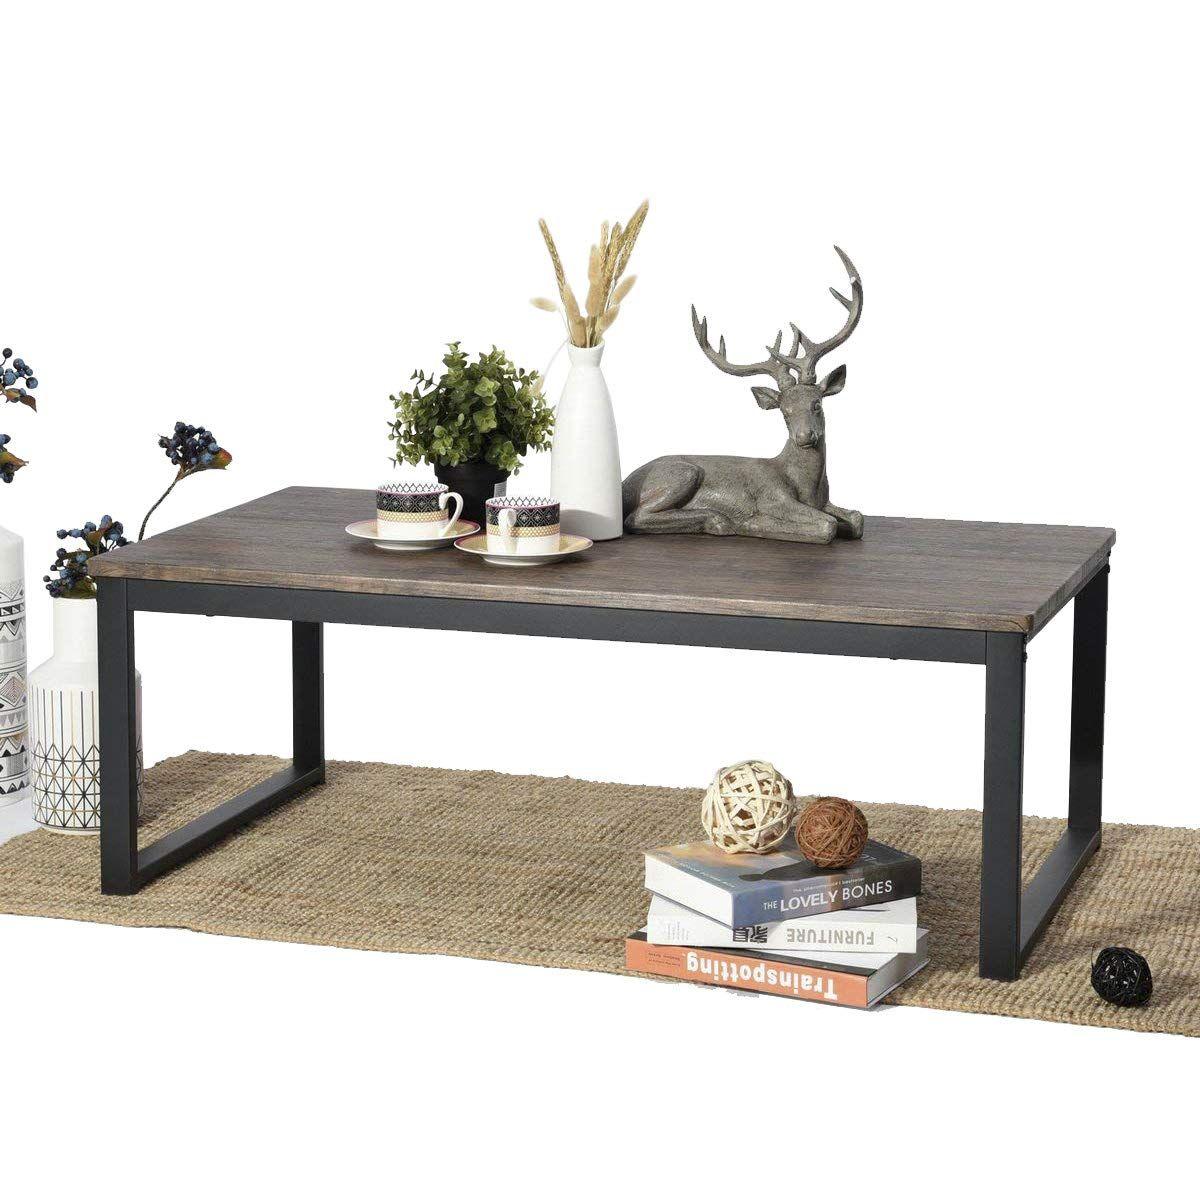 Aingoo Couchtisch Wohnzimmertisch Sofatisch Esstisch Beistelltisch Holze Tischplatte Metallgestell Braun 11 In 2020 Wohnzimmertische Couchtisch Vintage Ikea Couchtisch